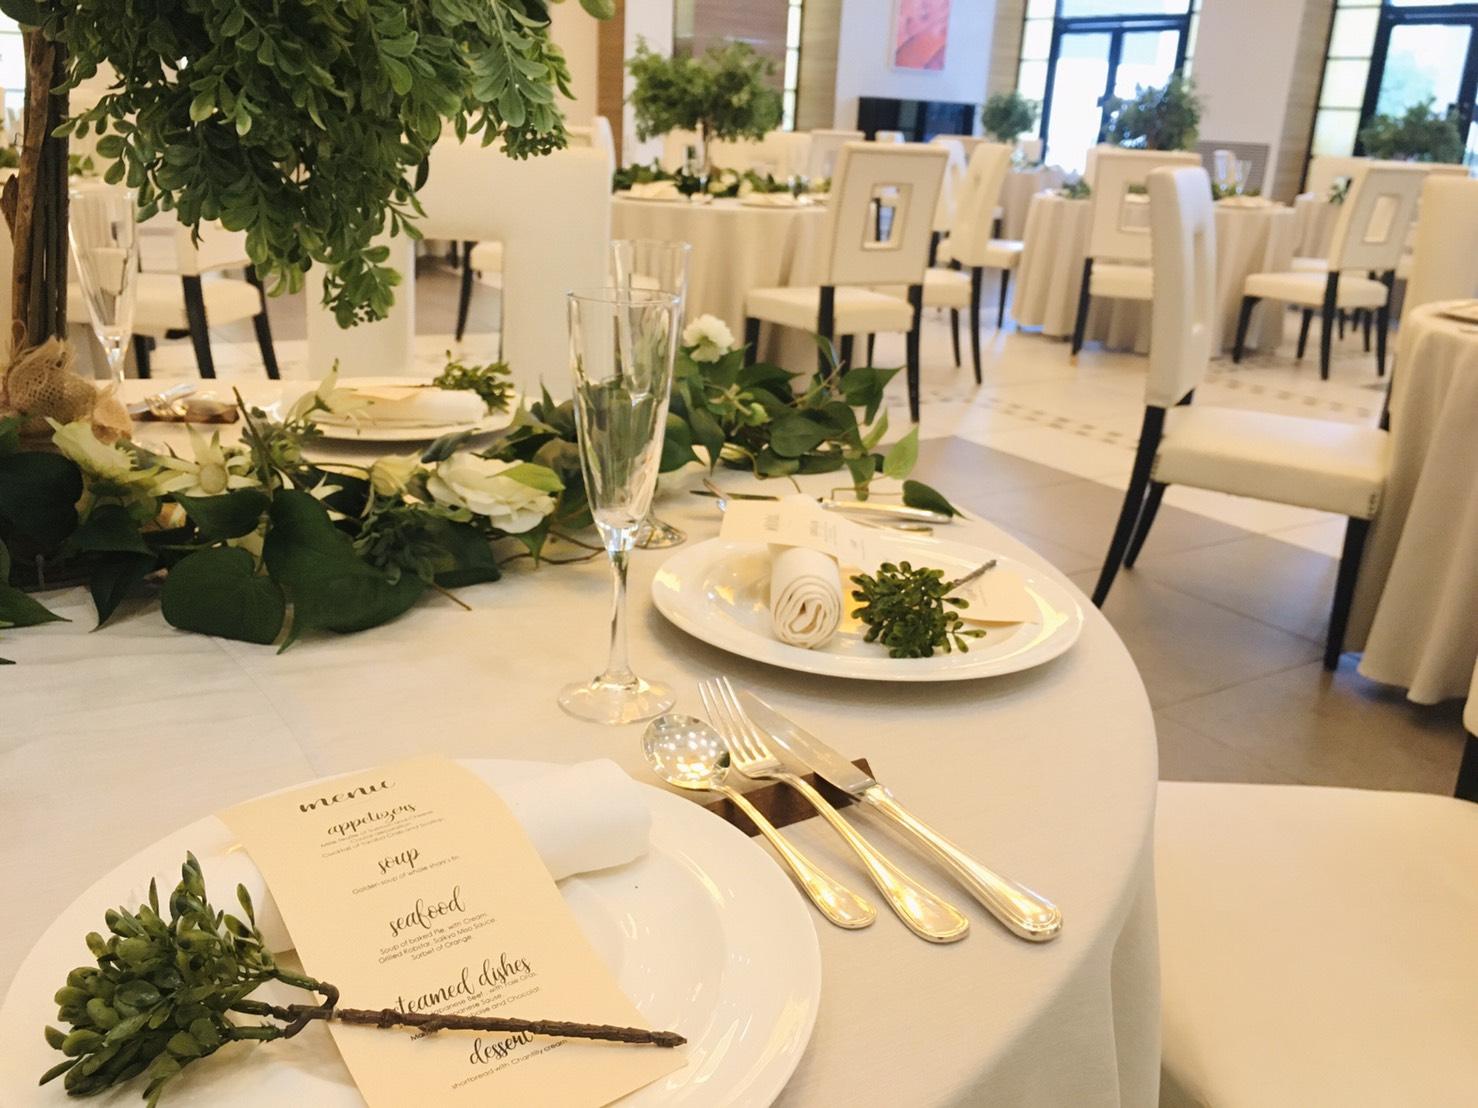 香川県の結婚式場のシェルエメール&アイスタイルのガーデンリニューアル